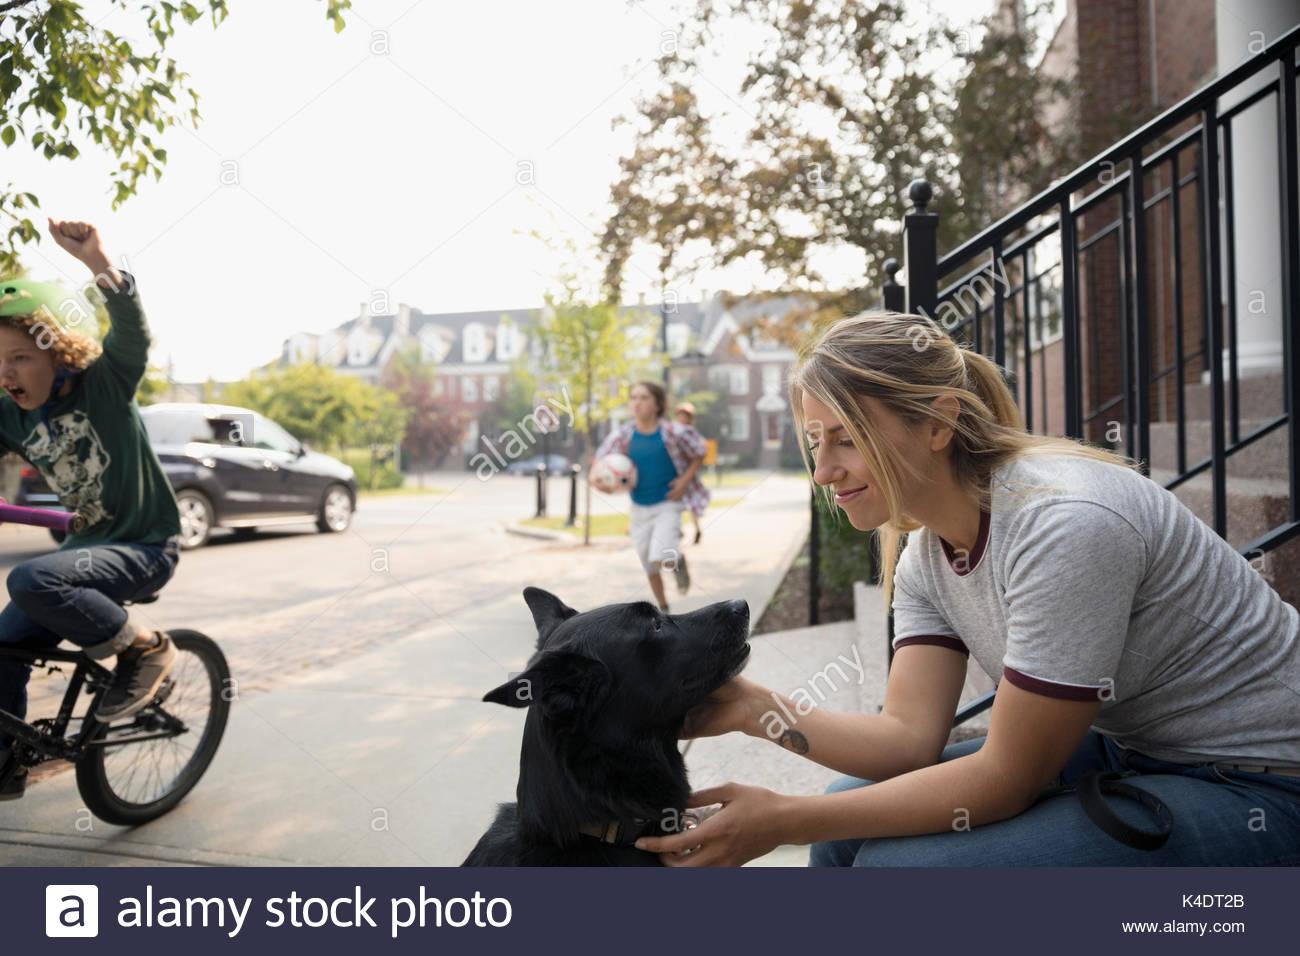 Smiling woman with dog on neighborhood sidewalk - Stock Image